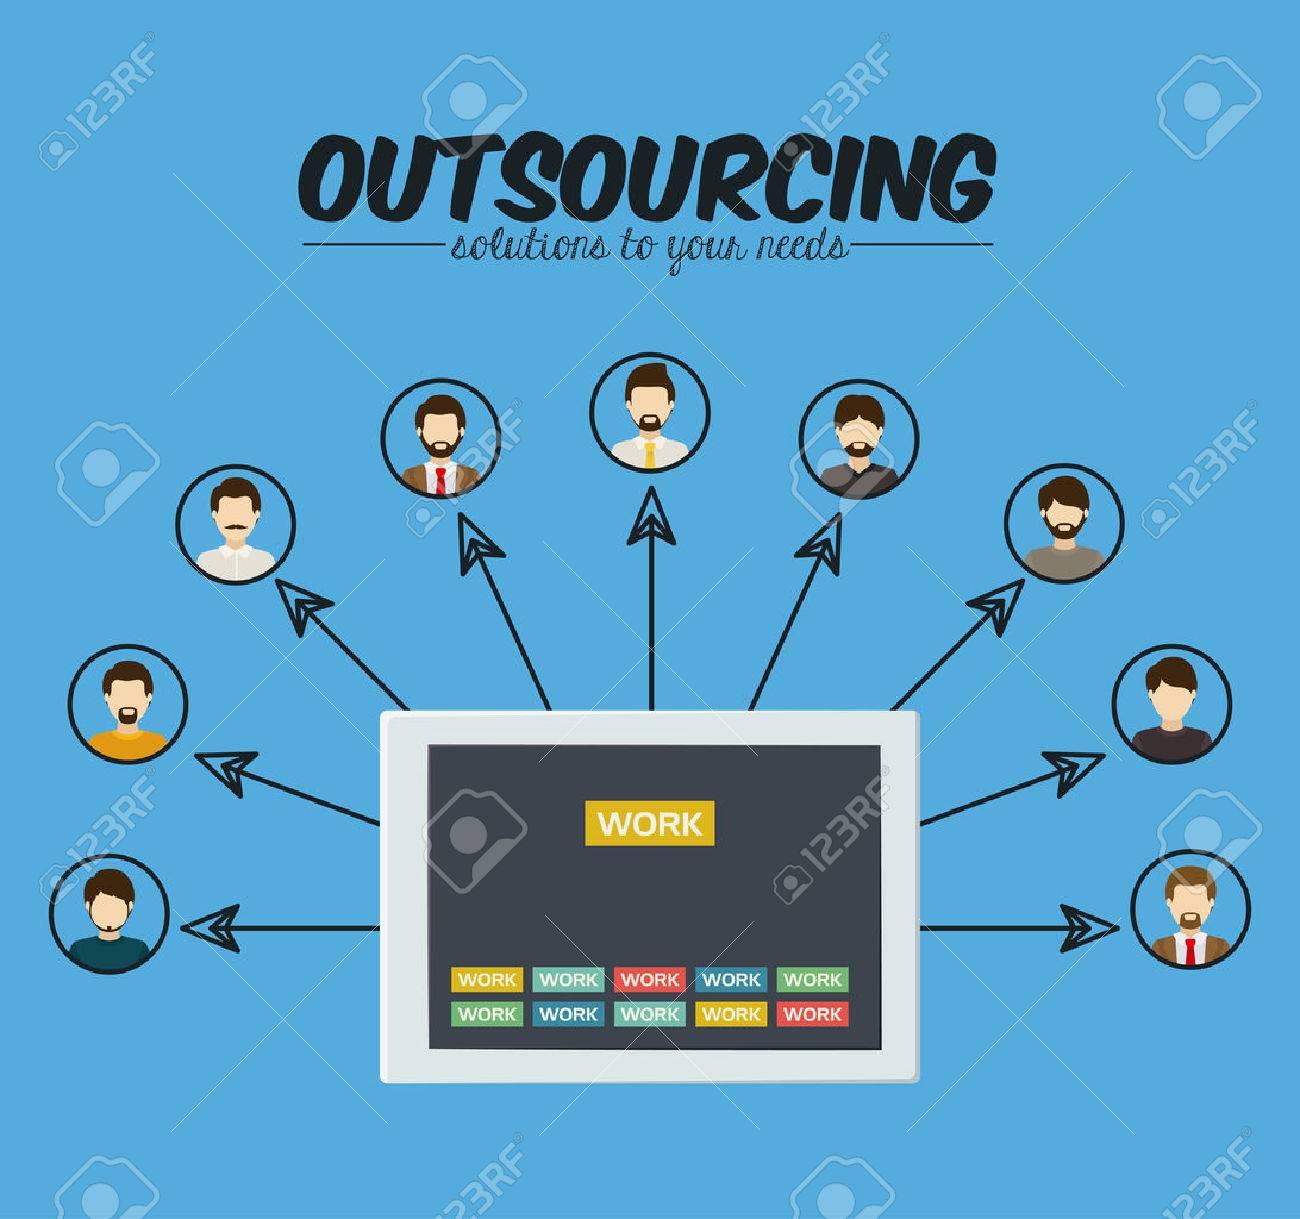 Outsourcing digital design, vector illustration - 42305077